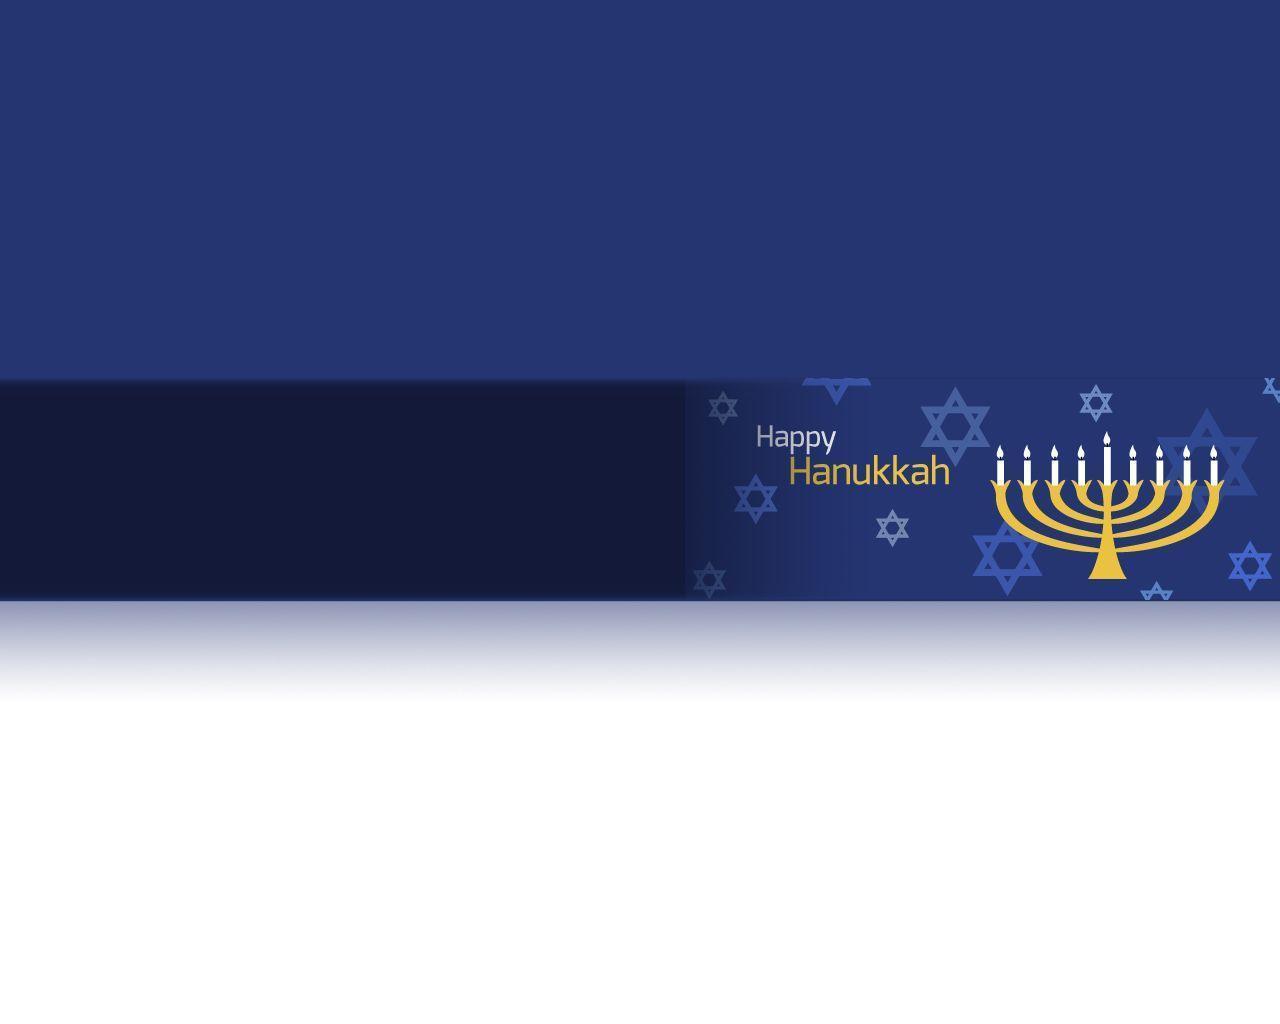 Hanukkah Wallpapers, HQFX Cover